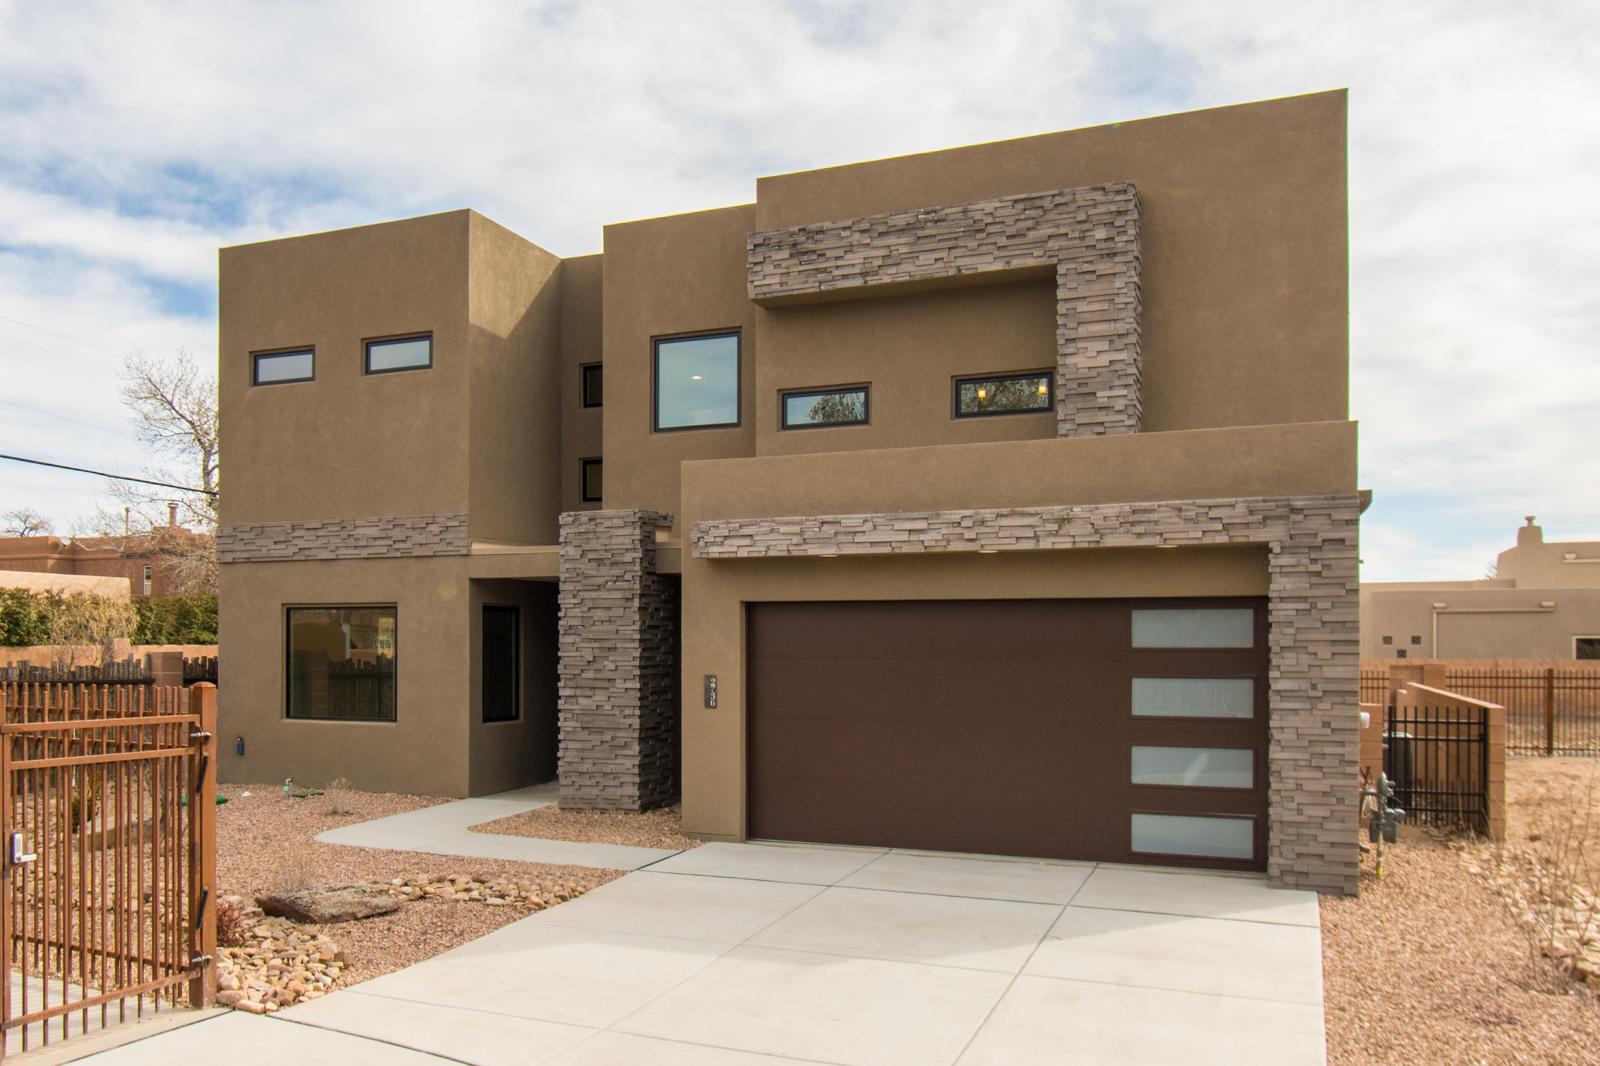 2736 PUERTA DEL BOSQUE Lane NW, Albuquerque, NM 87104 - Albuquerque, NM real estate listing